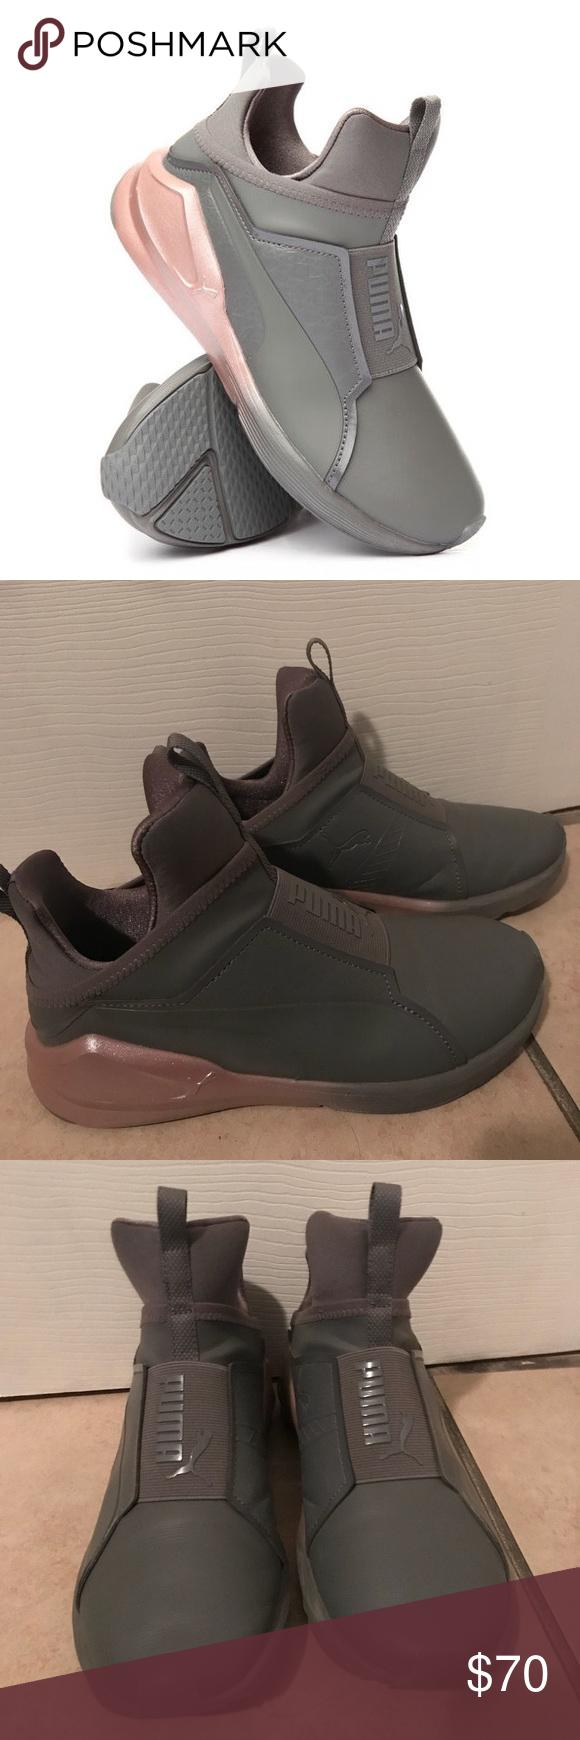 d431ed68863 I just added this listing on Poshmark  Puma Fierce Charlet training. Puma  shoes..  shopmycloset  poshmark  fashion  shopping  style  forsale  Puma   Shoes